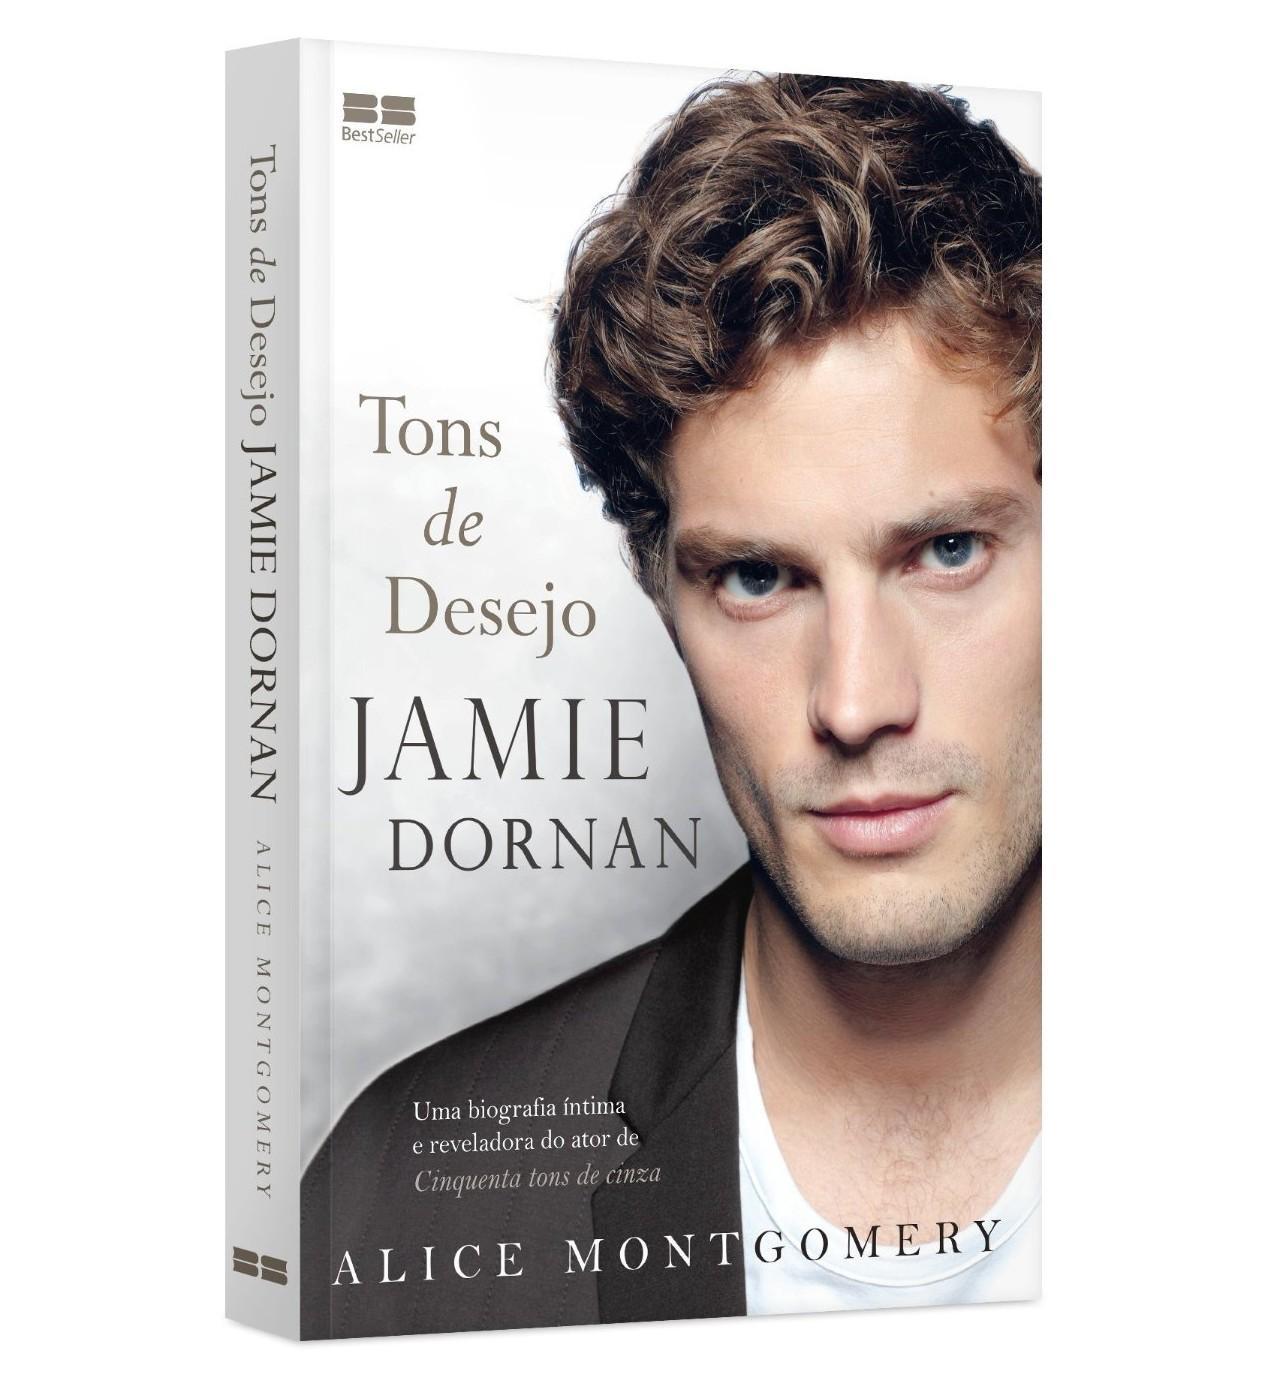 Jamie Dornan ganha biografia em livro, antes da estreia de